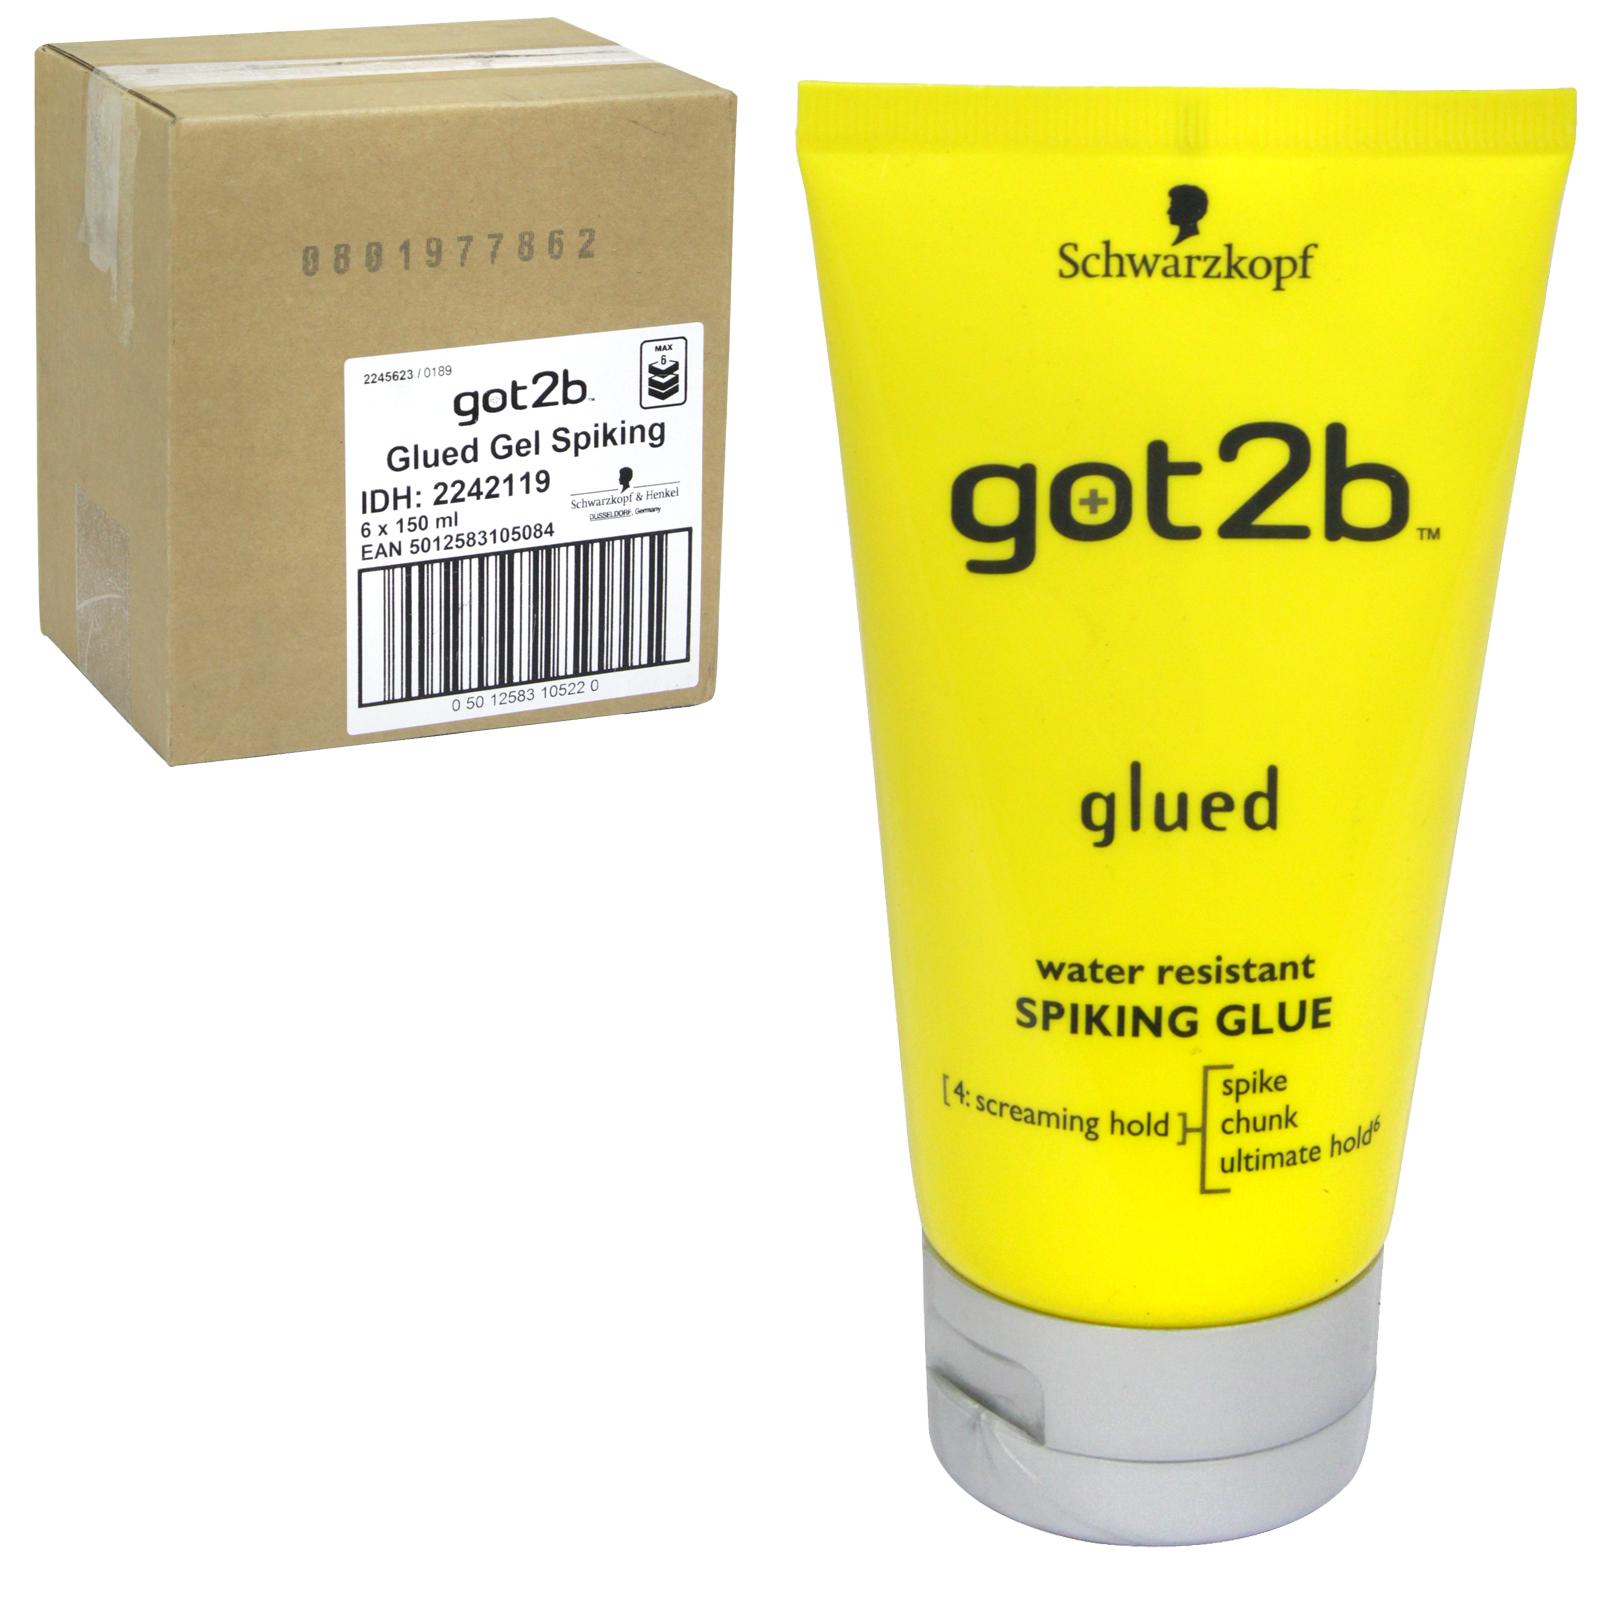 SCHWARZKOPF GOT 2B GLUED SPIKING GLUE 150ML X6